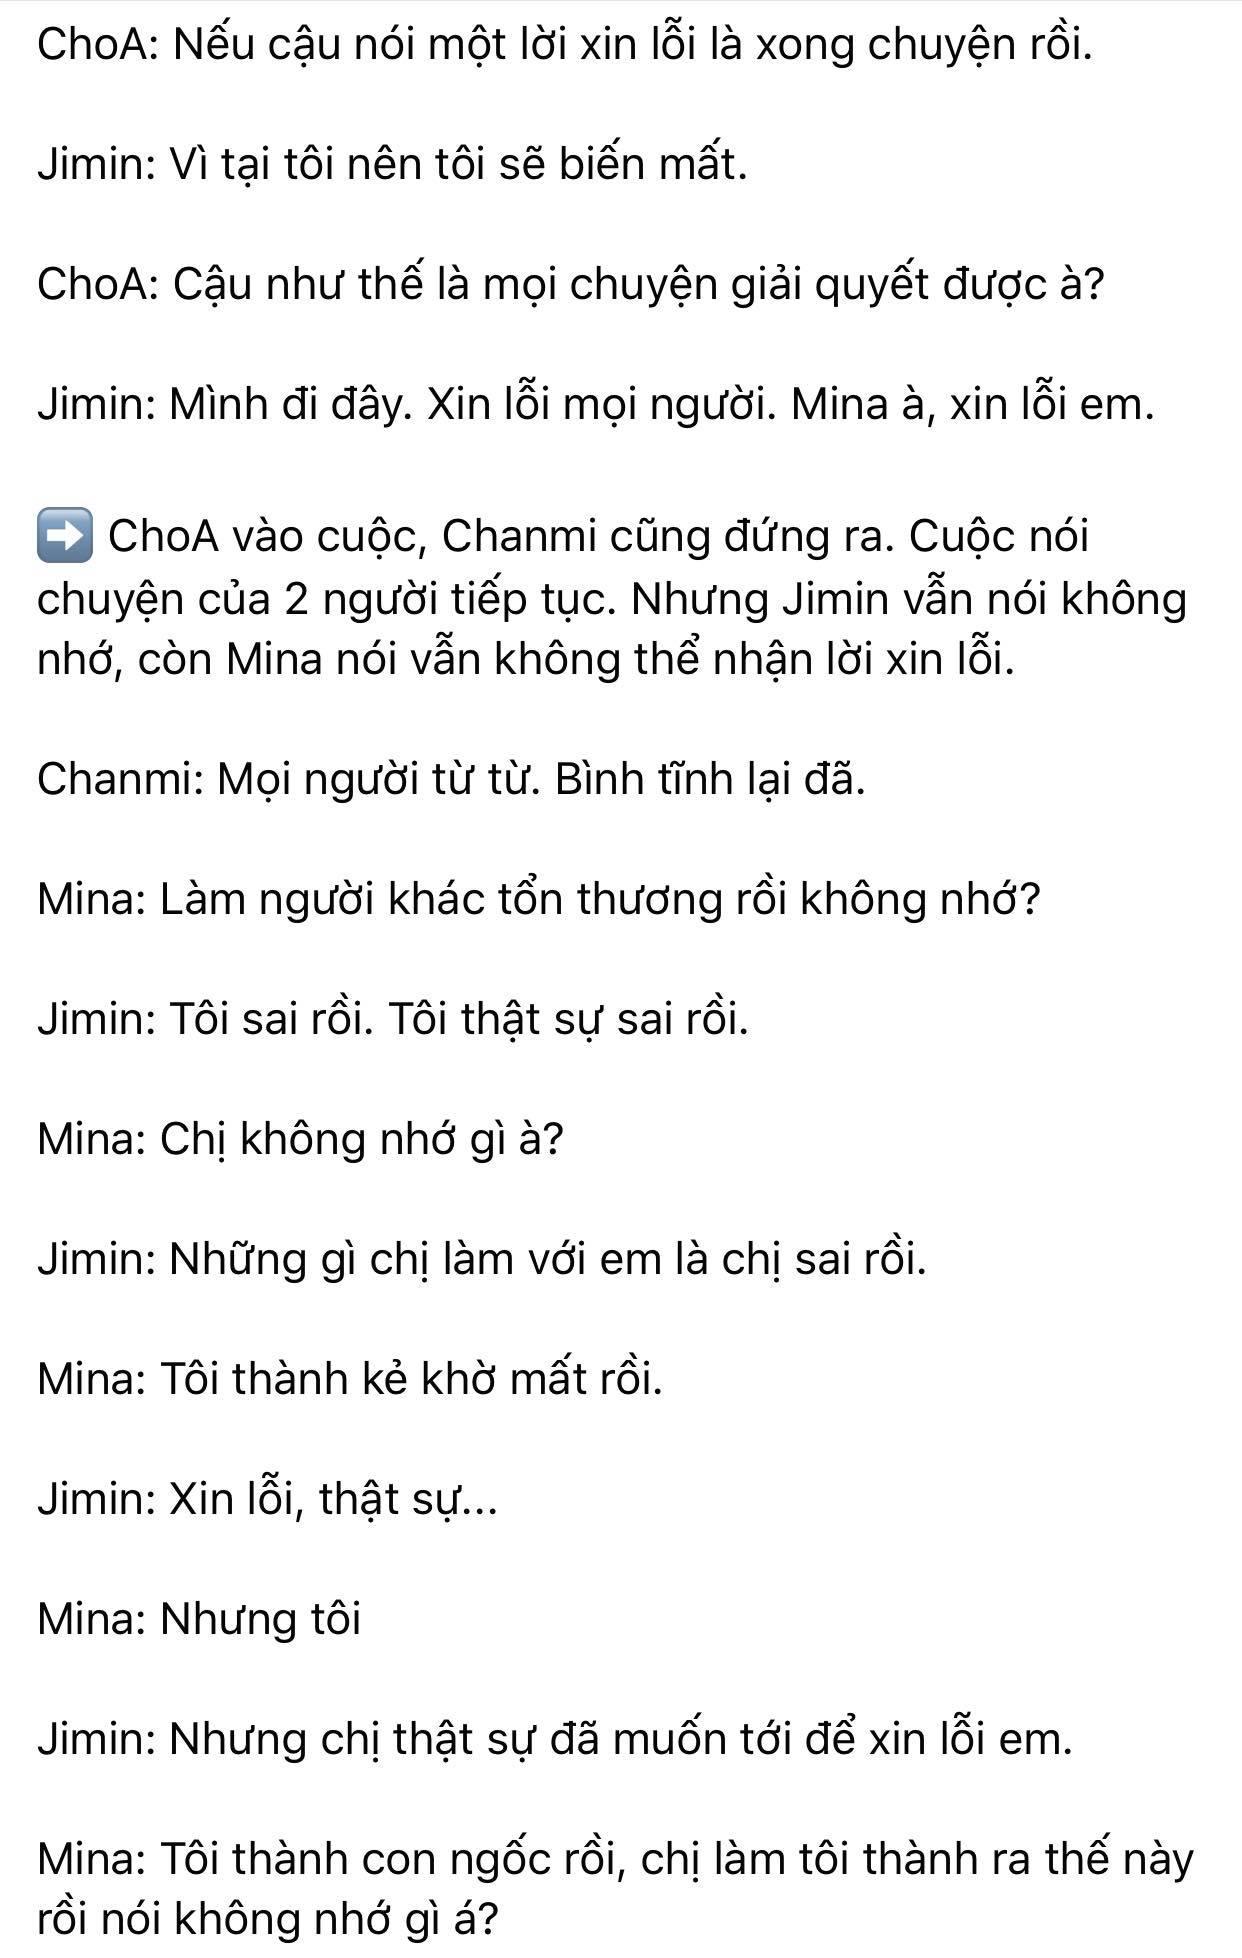 Dispatch khui toàn bộ hội thoại trong buổi gặp mặt AOA: Mina trở thành kẻ cố chấp thích đóng vai nạn nhân 5